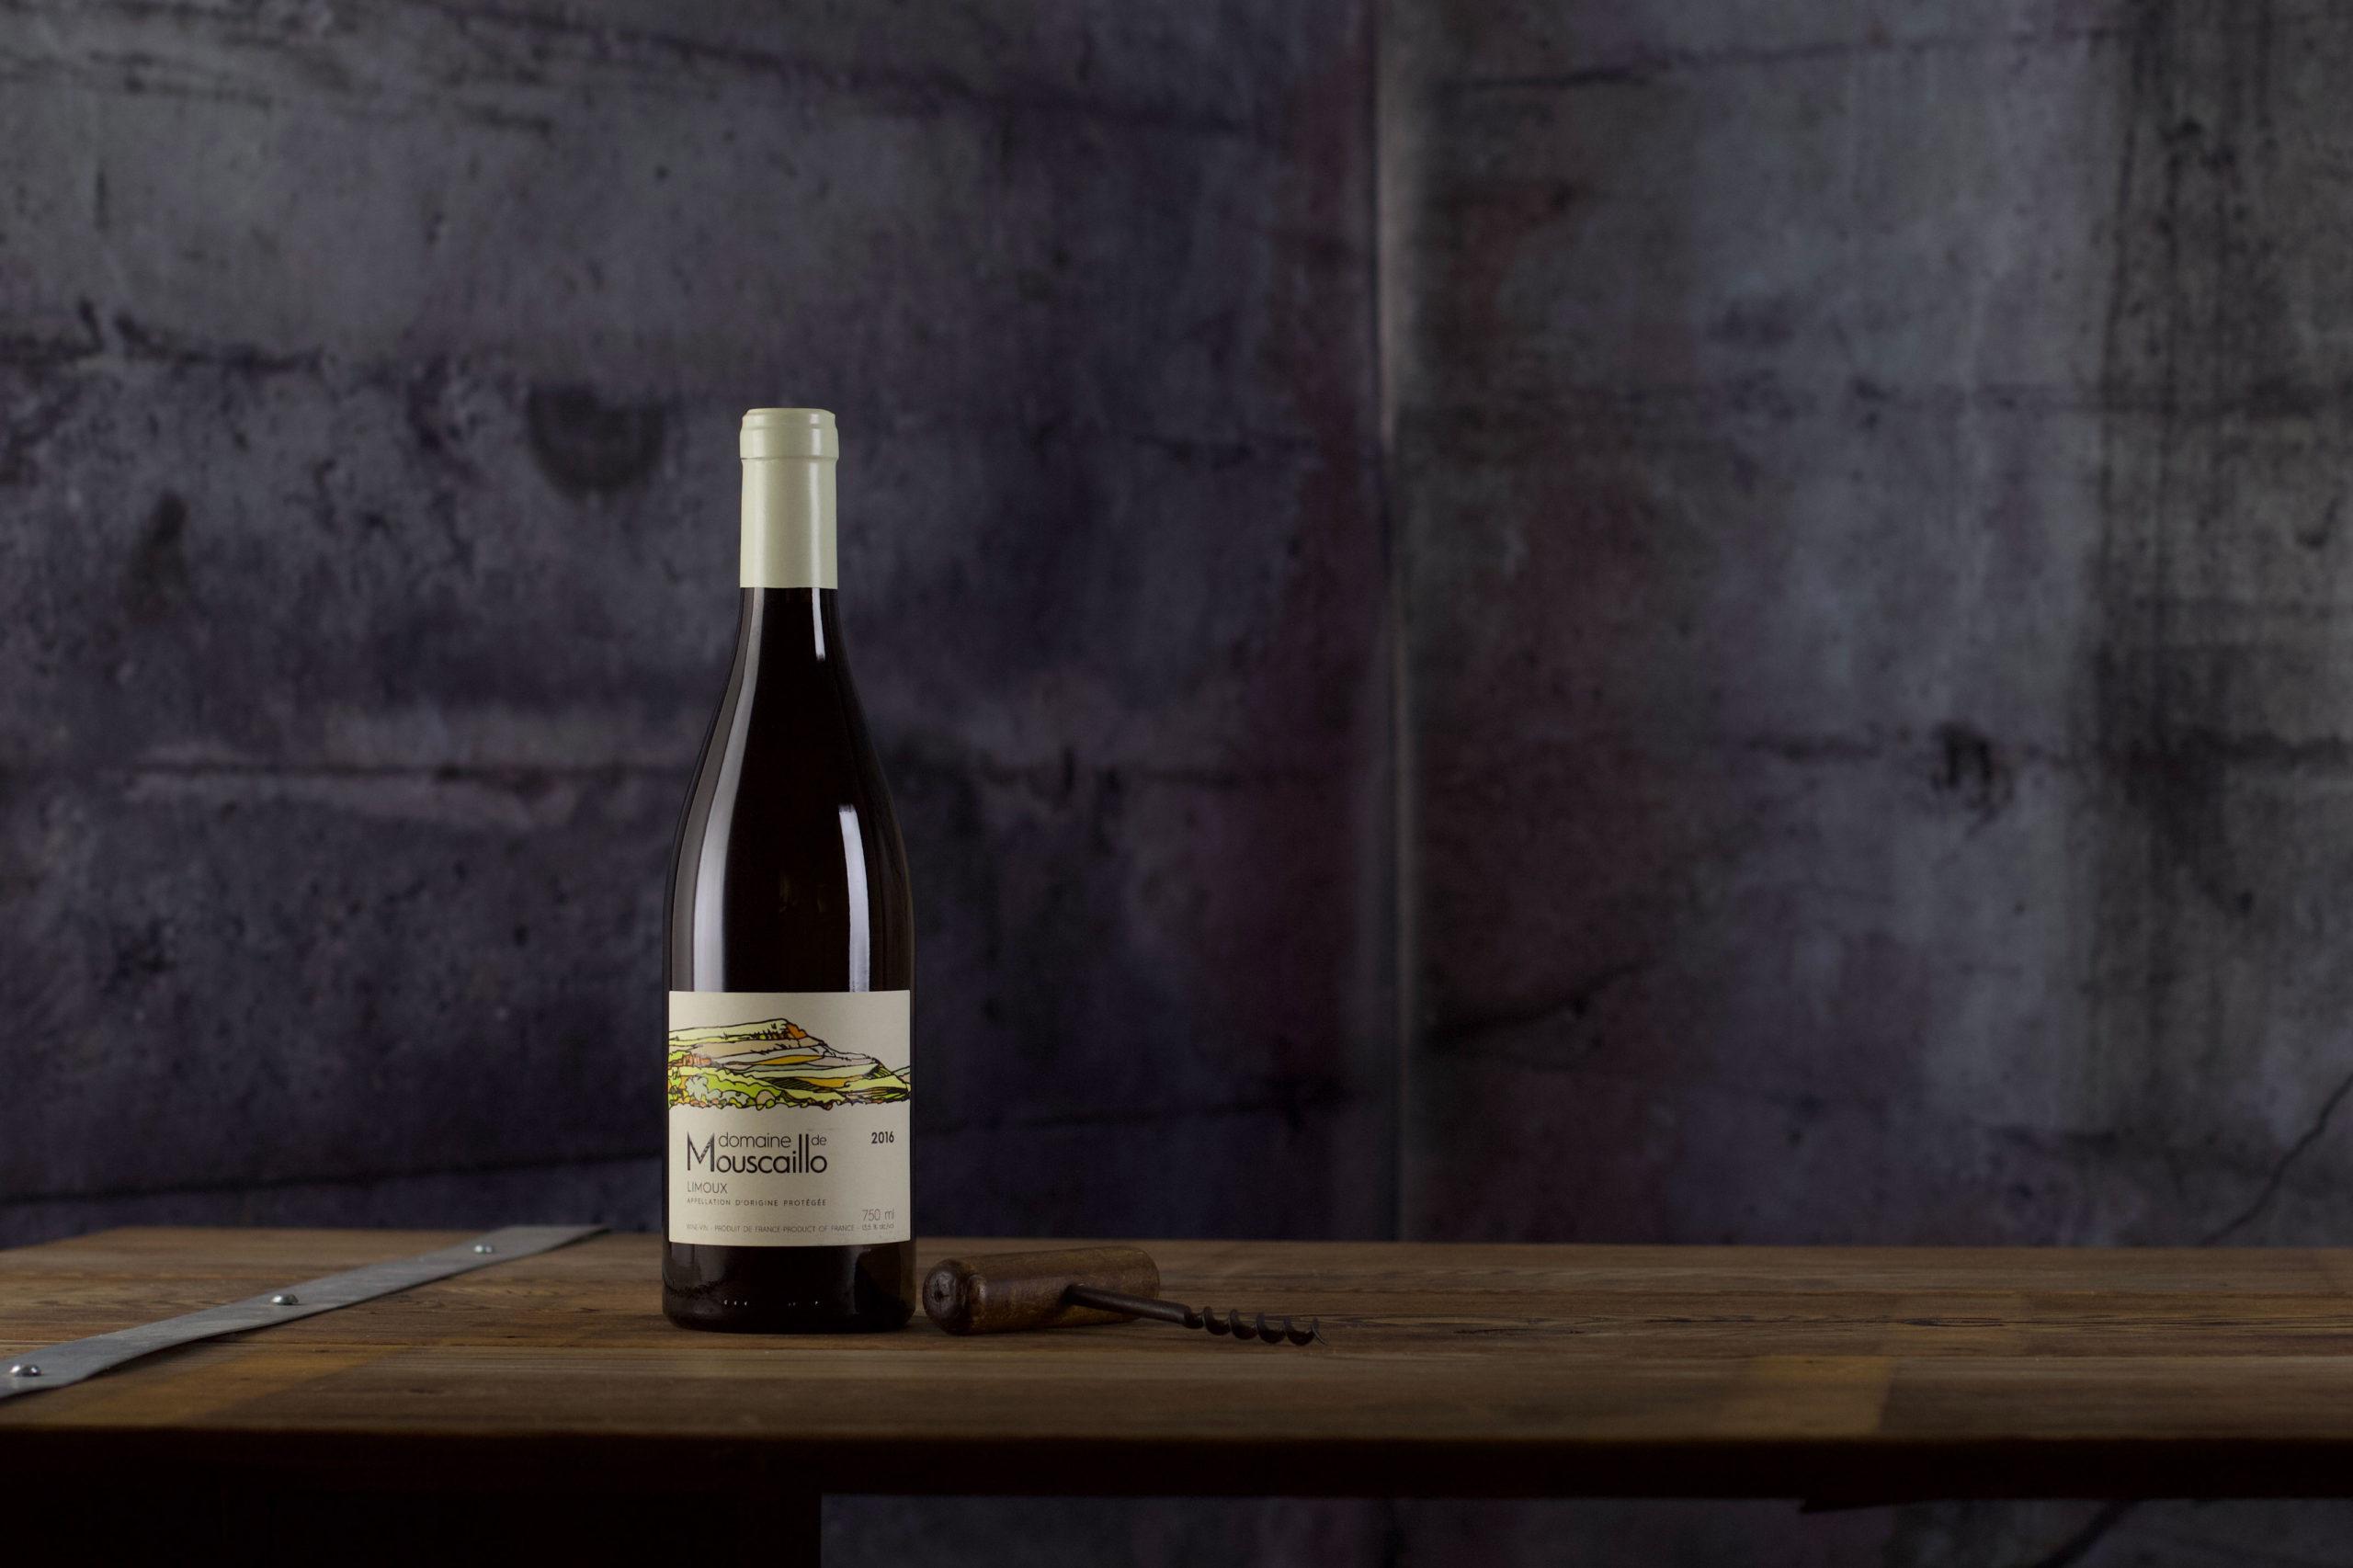 Domaine de Mouscaillo, Limoux Chardonnay